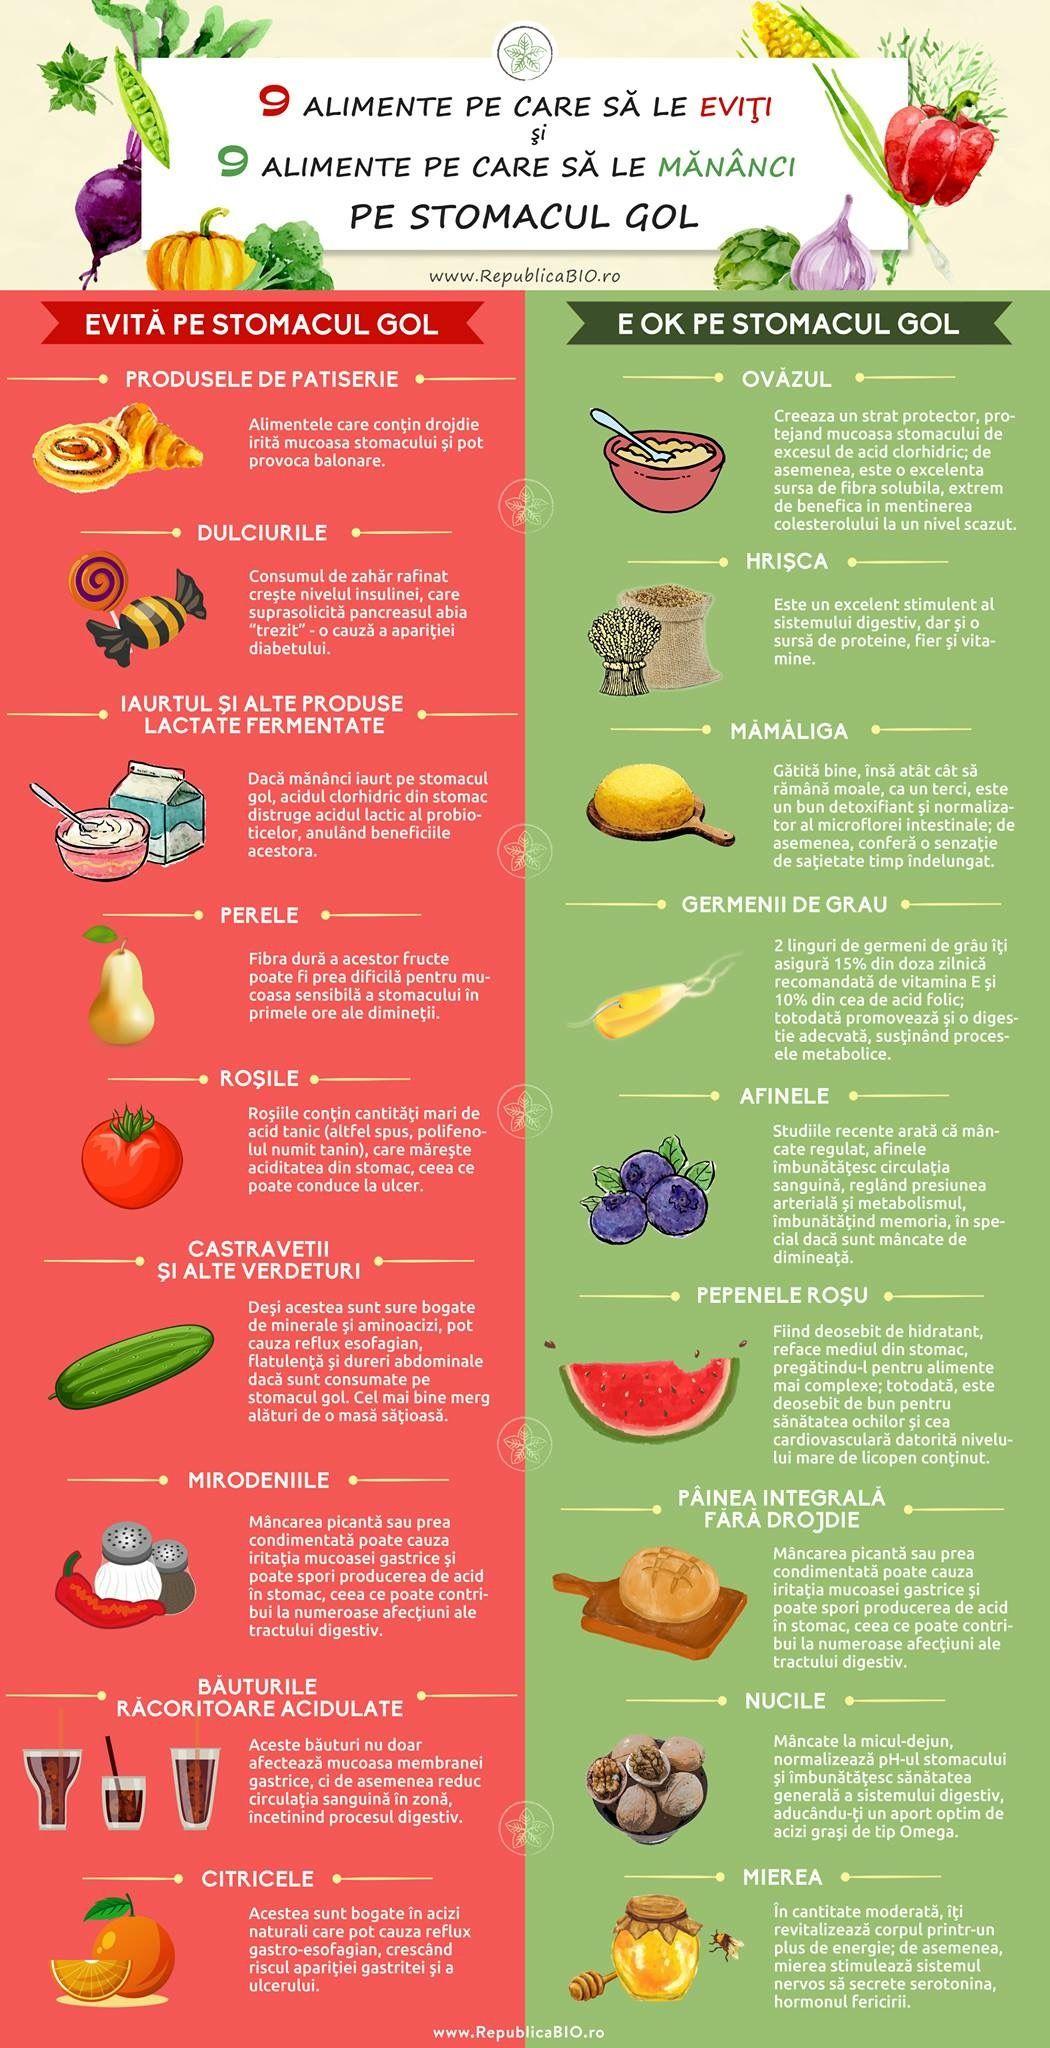 Slăbirea sănătoasă - calea mai simplă de a pierde în greutate | Top Forma